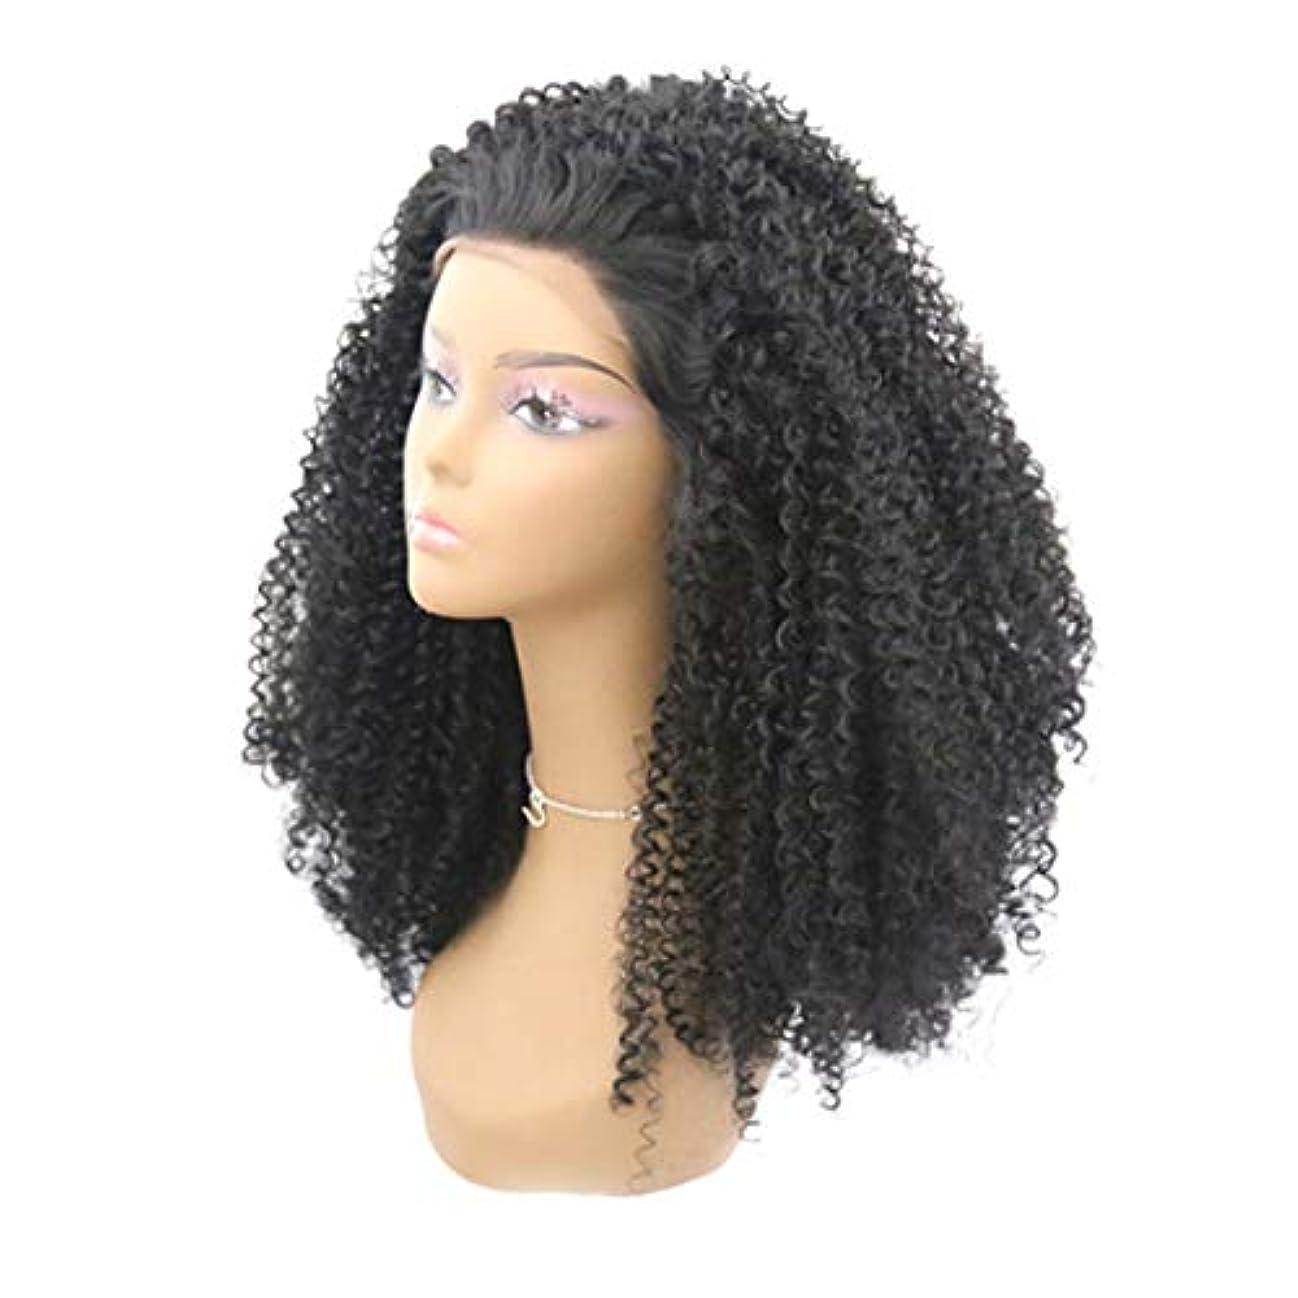 エロチックスノーケル奪うKerwinner 合成かつらレースフロントかつら赤ん坊の毛髪自然な生え際耐熱ファイバーレースかつらで長い緩い巻き毛かつら女性のための自然な黒のかつら (Size : 26inch)